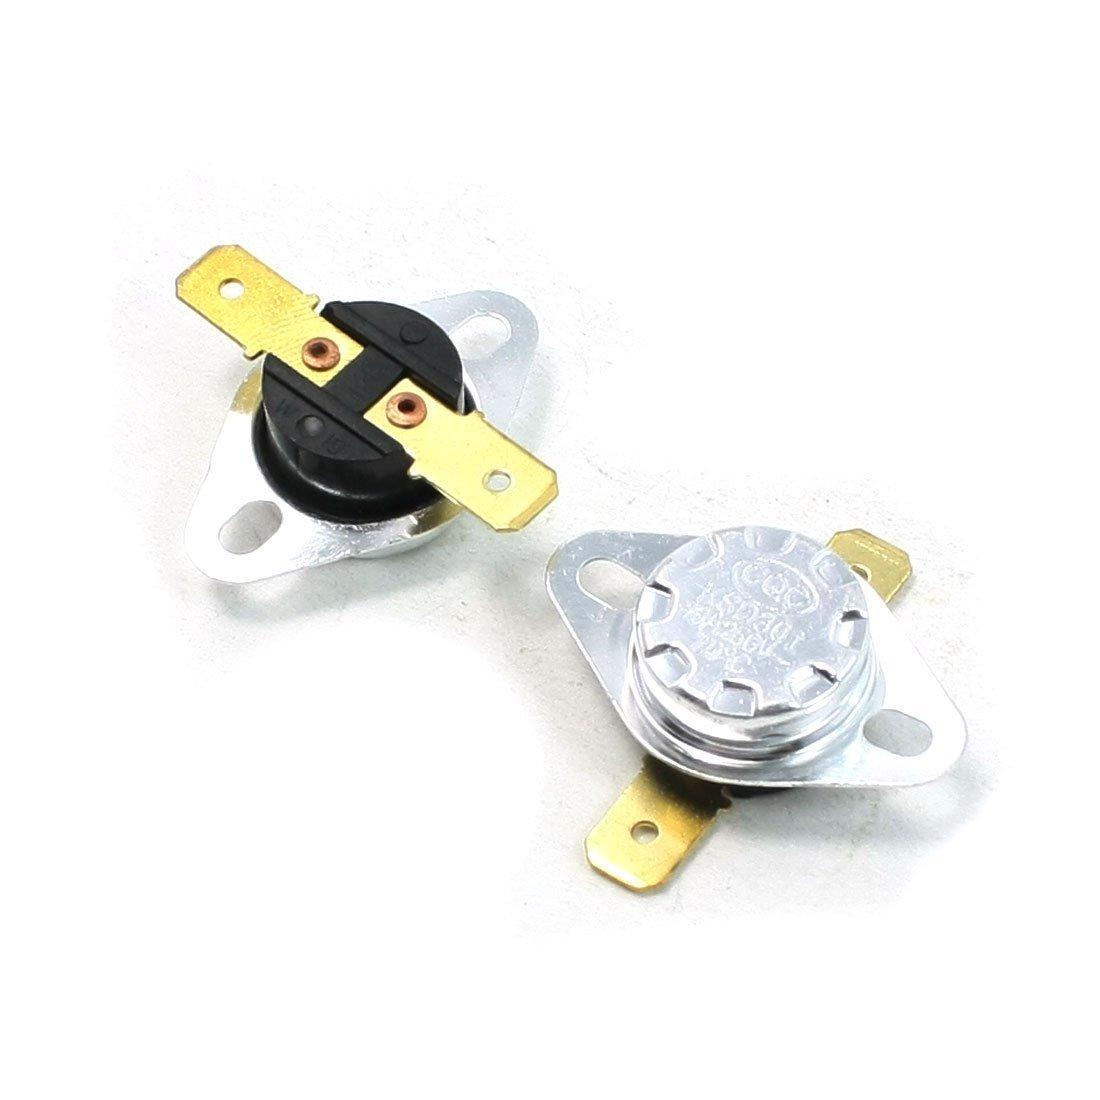 AC 250V/10A 70C NC Termostato Interruptor De Temperatura KSD301 2 Piezas: Amazon.es: Bricolaje y herramientas